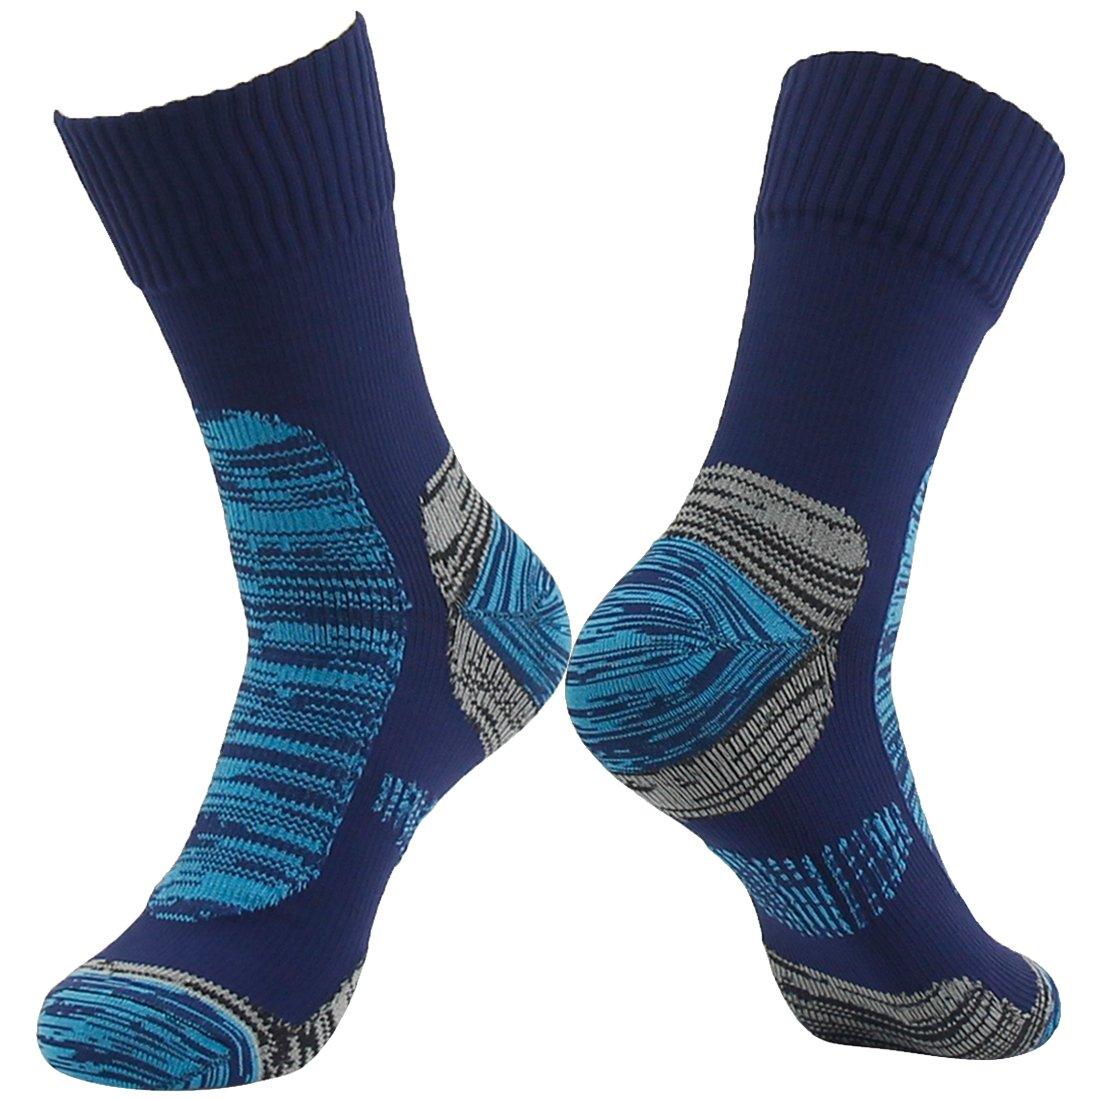 【在庫処分】 通気性防水ソックス Blue&Blue2 Small|1 Small、[ SGS認定]ランディSunユニセックス通気スキートレッキングハイキングソックス B01EXXWYVC 1 Pair-Navy Blue&Blue2 Small Small|1 Pair-Navy Blue&Blue2, 品質が完璧:92d946bc --- mail.mrplusfm.net